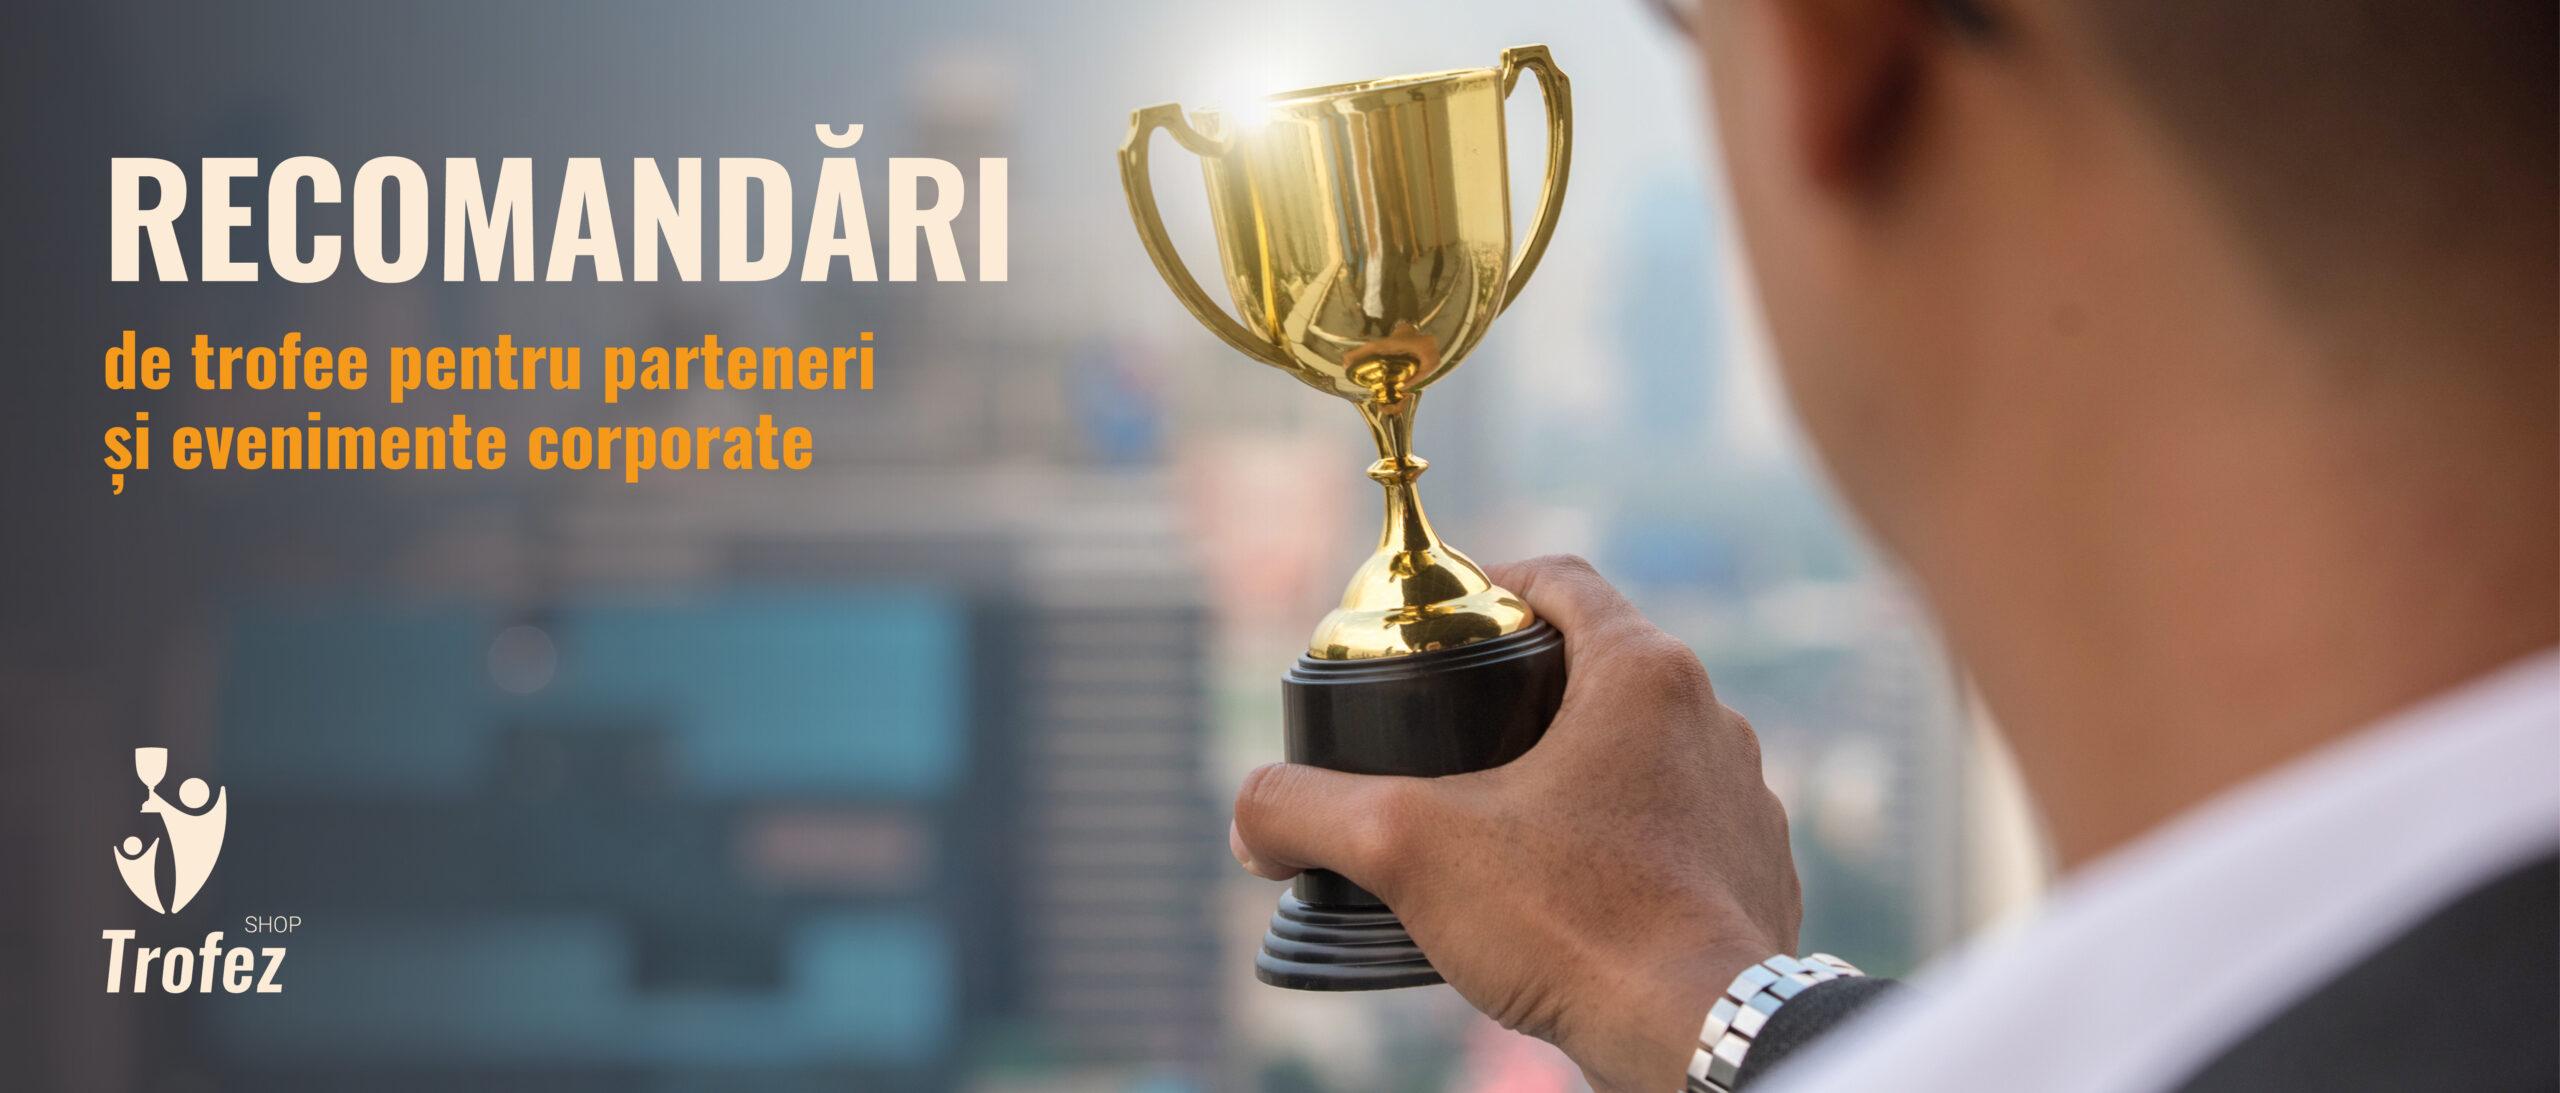 Recomandari de trofee pentru parteneri si evenimente corporate